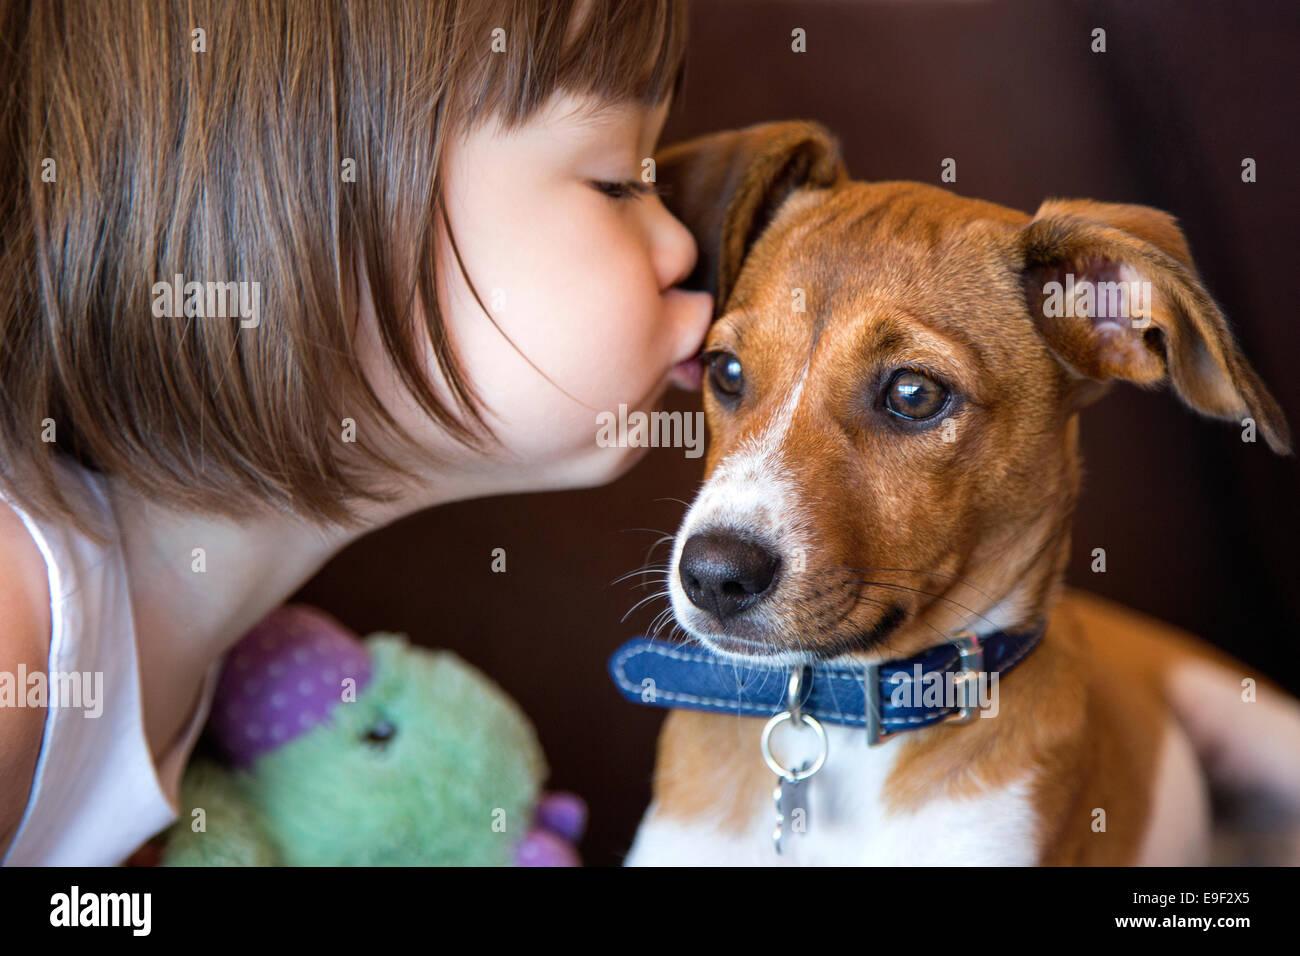 Il Toddler ragazza baciare il suo cucciolo di cane Immagini Stock